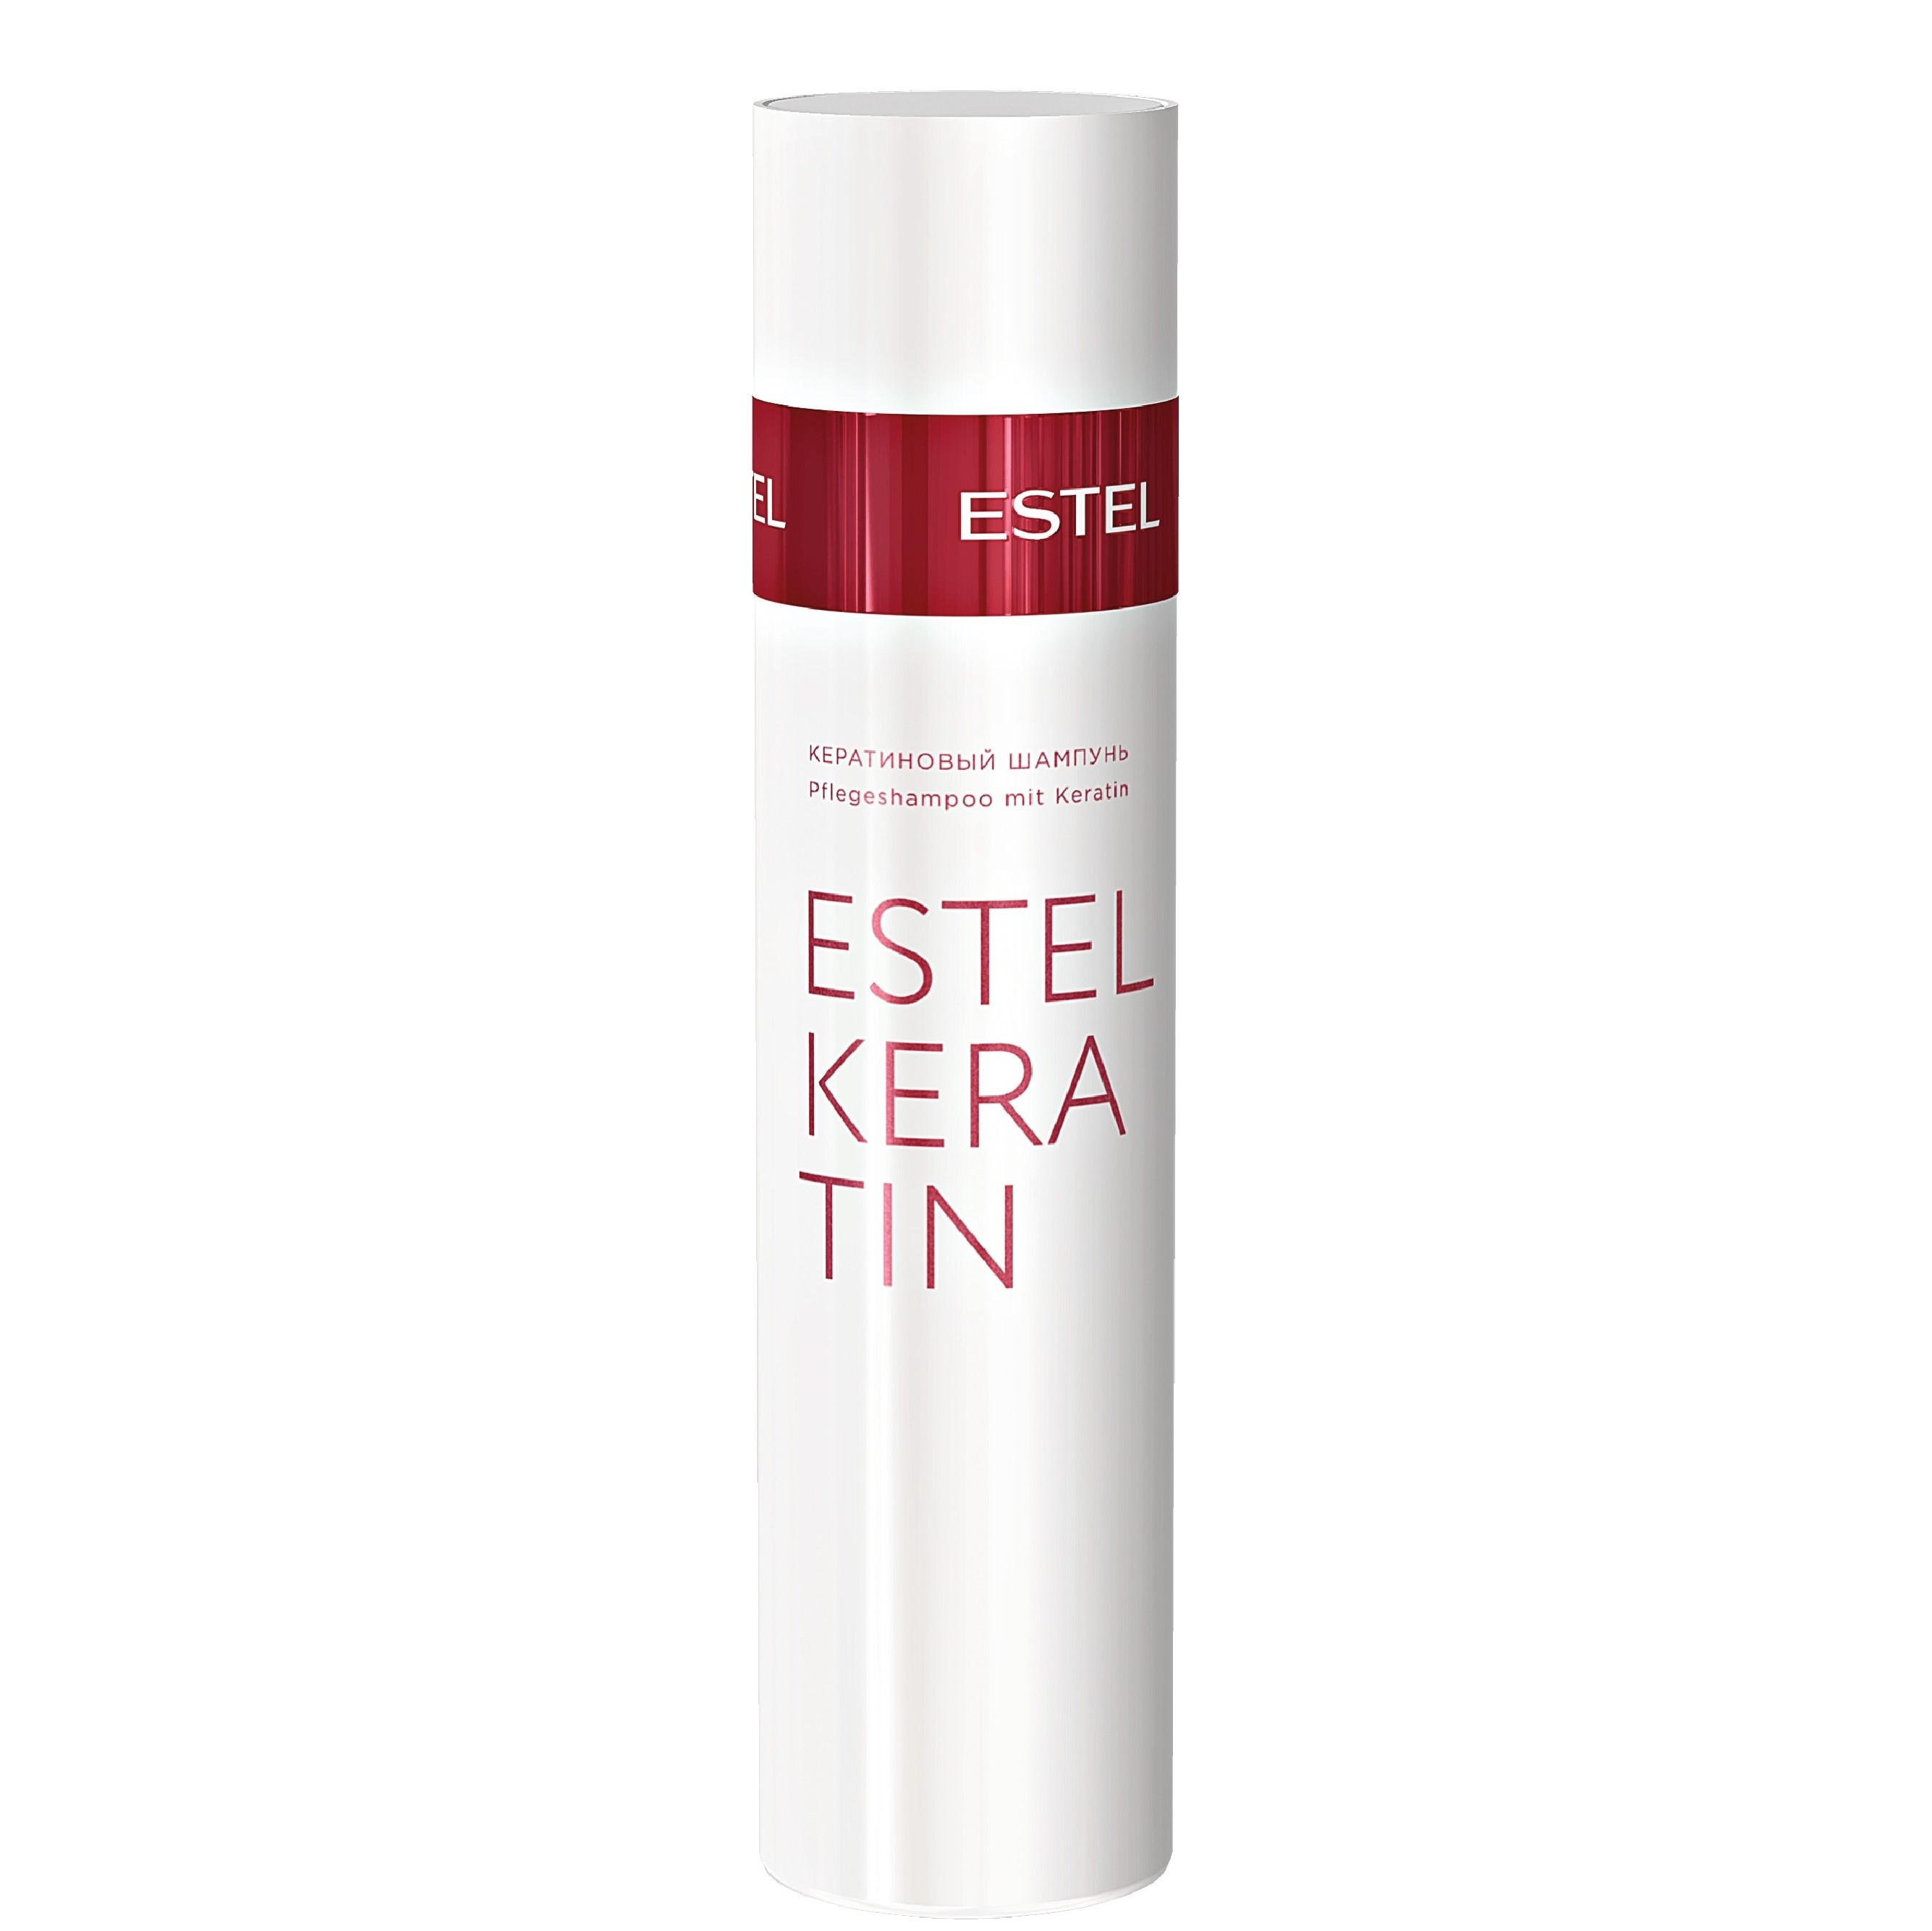 ESTEL Keratin Кератиновый шампунь для волос, 250мл